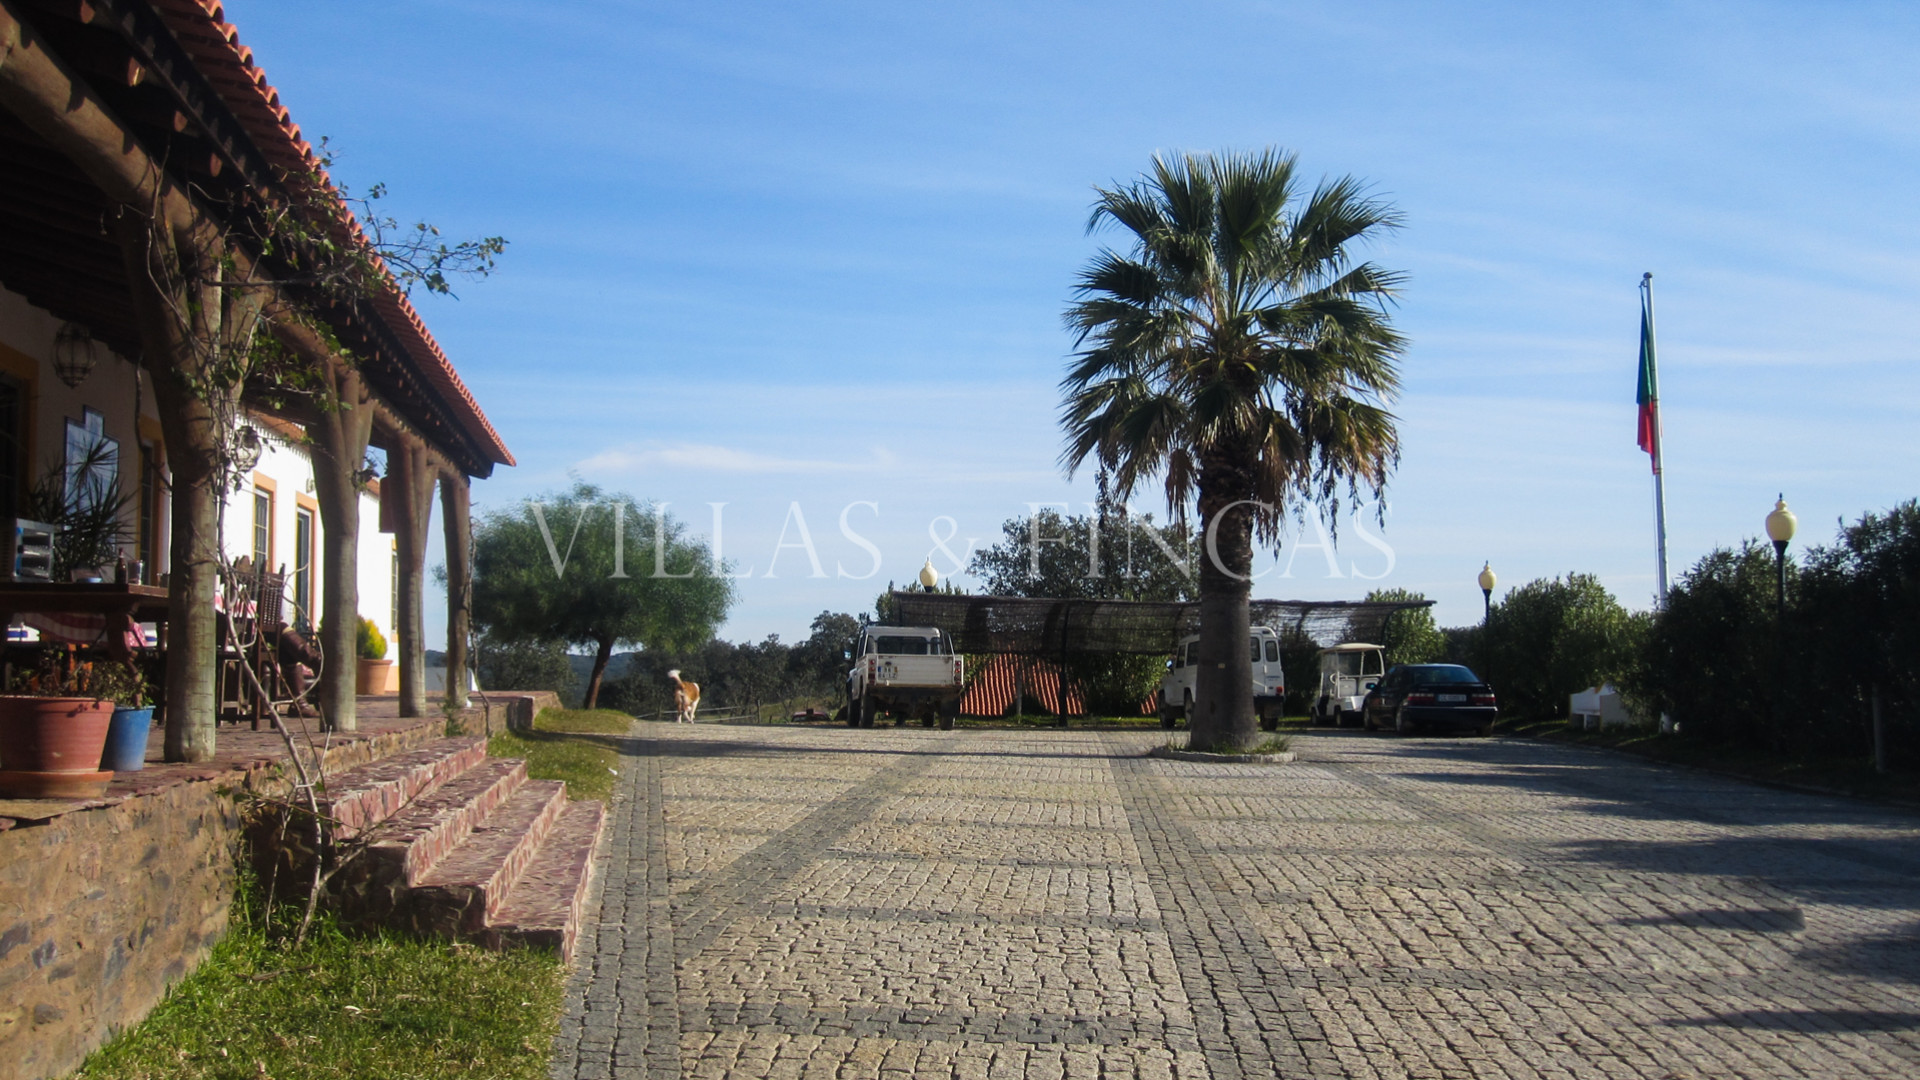 Cortijo for sale in Boavista - (Portugal)